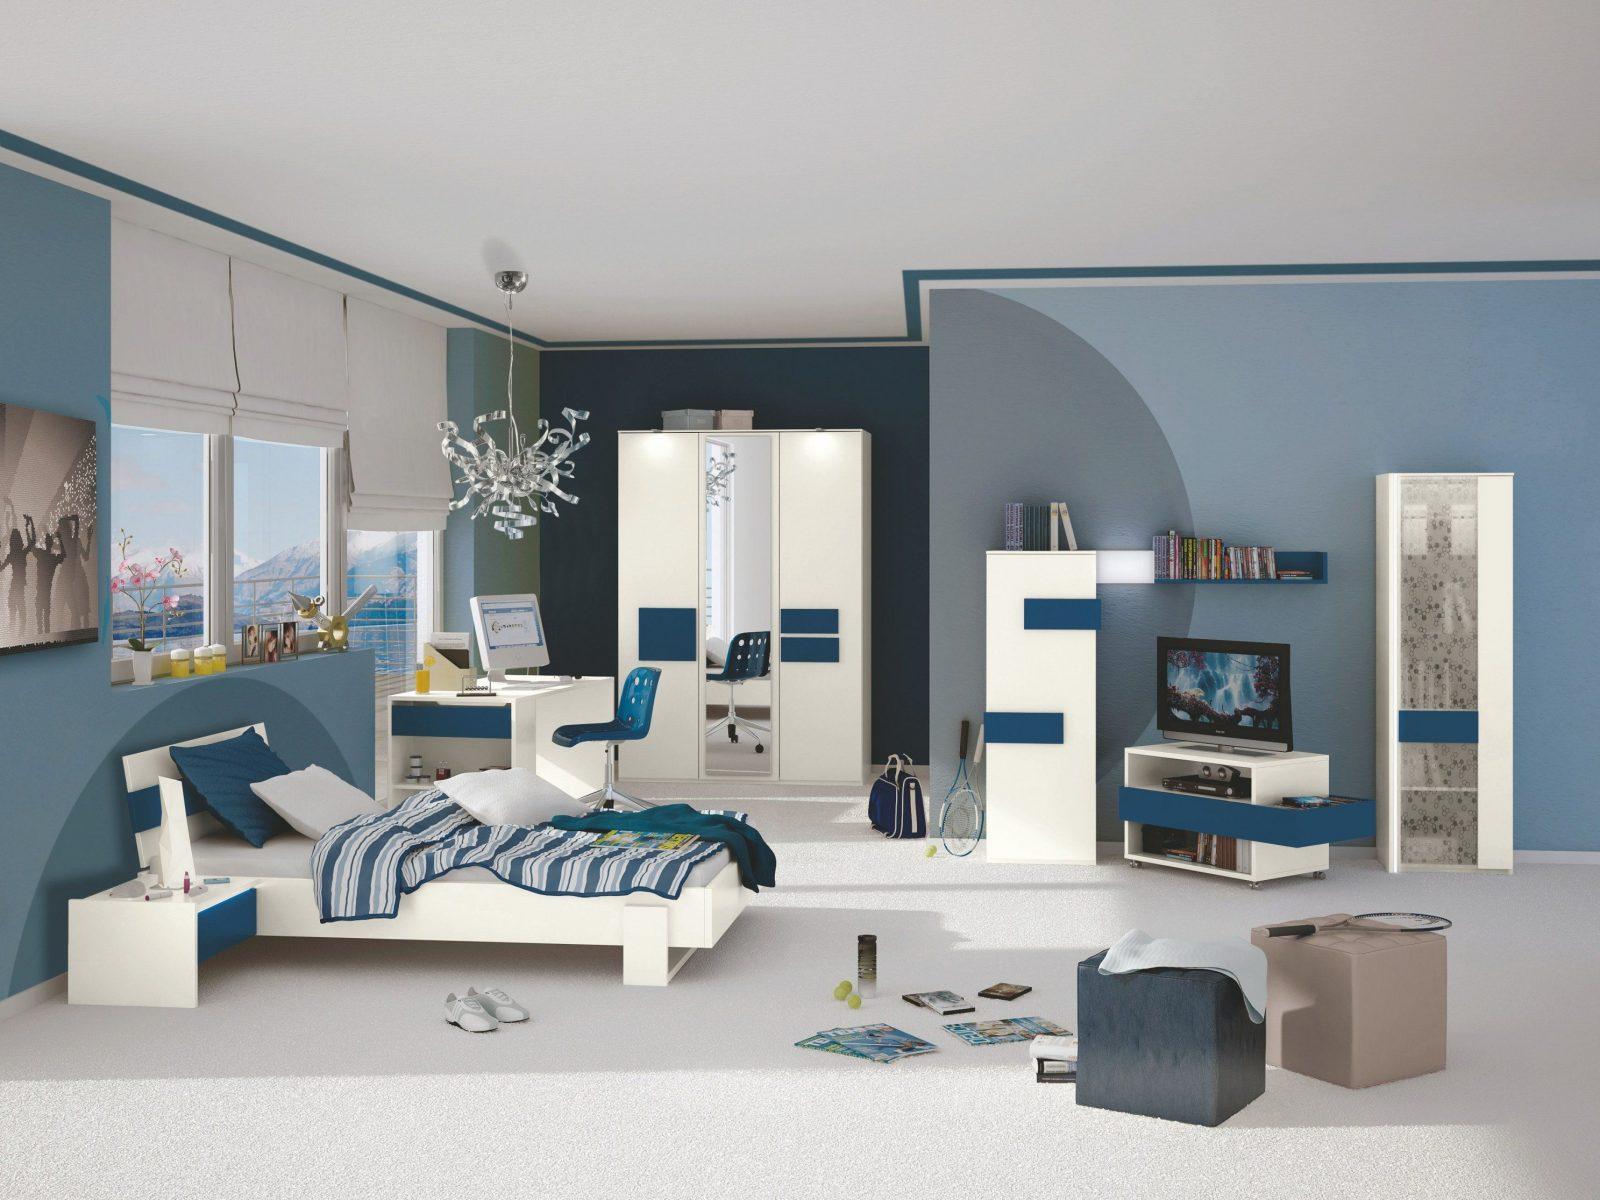 Wandfarbe Jugendzimmer Junge Luxus Jugendzimmer Für Jungs Grau von Bilder Jugendzimmer Für Jungs Photo